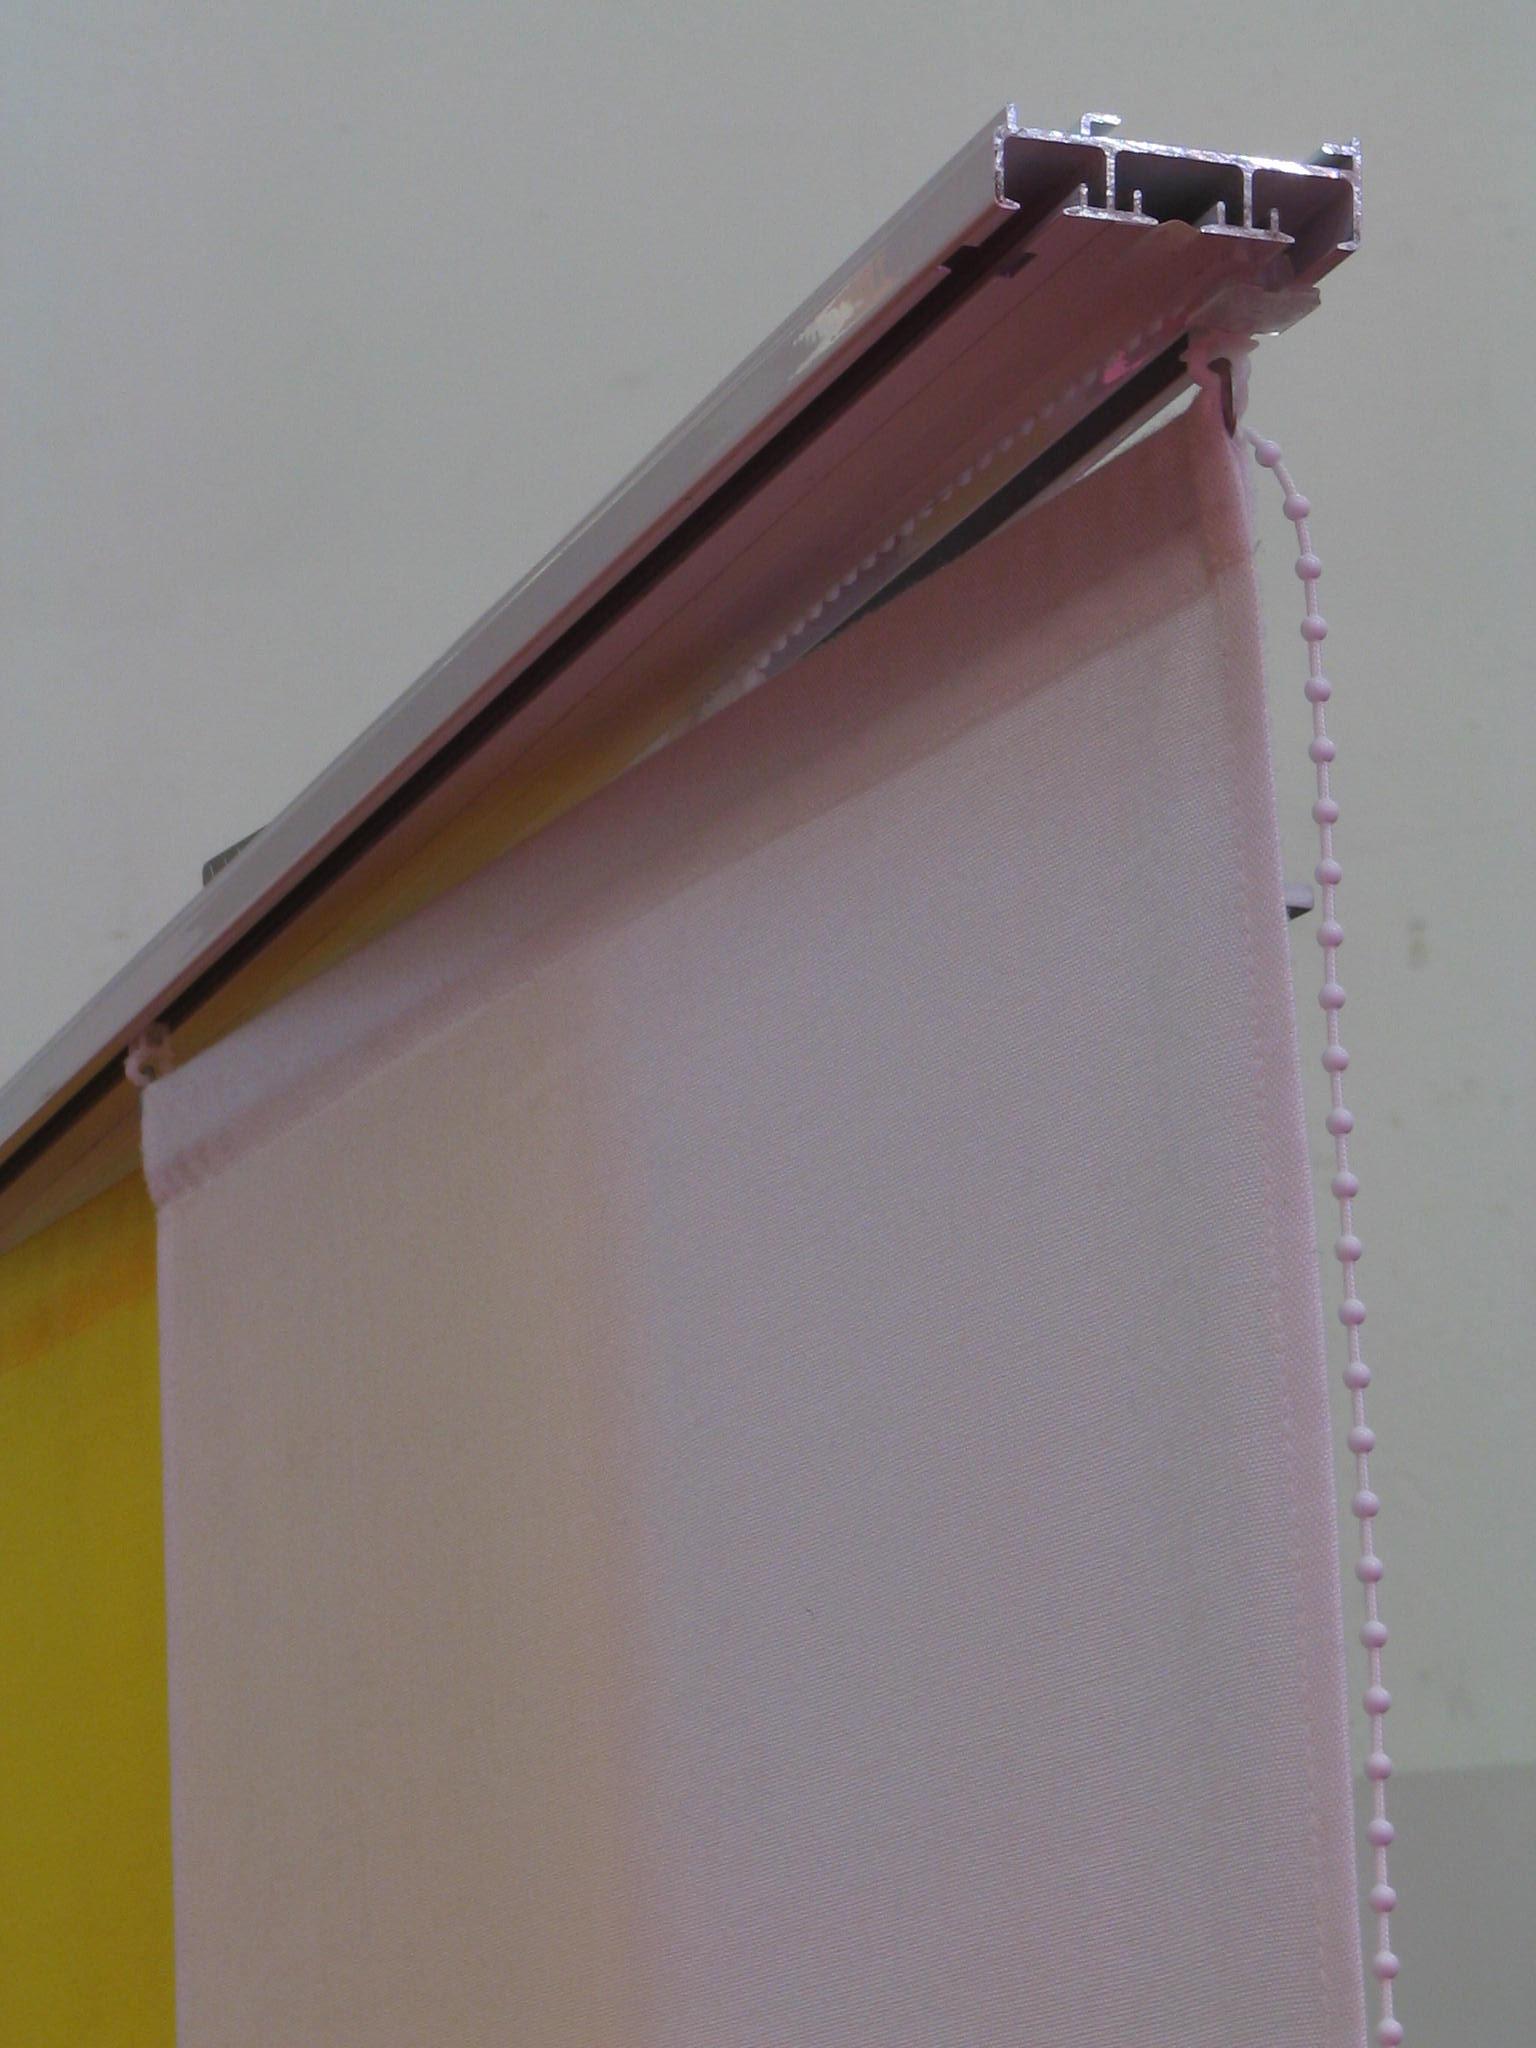 Full Size of Vorhnge Schrg Auf 2 Schienen Einsetzen Schlafzimmer Vorhänge Wohnzimmer Küche Wohnzimmer Vorhänge Schiene